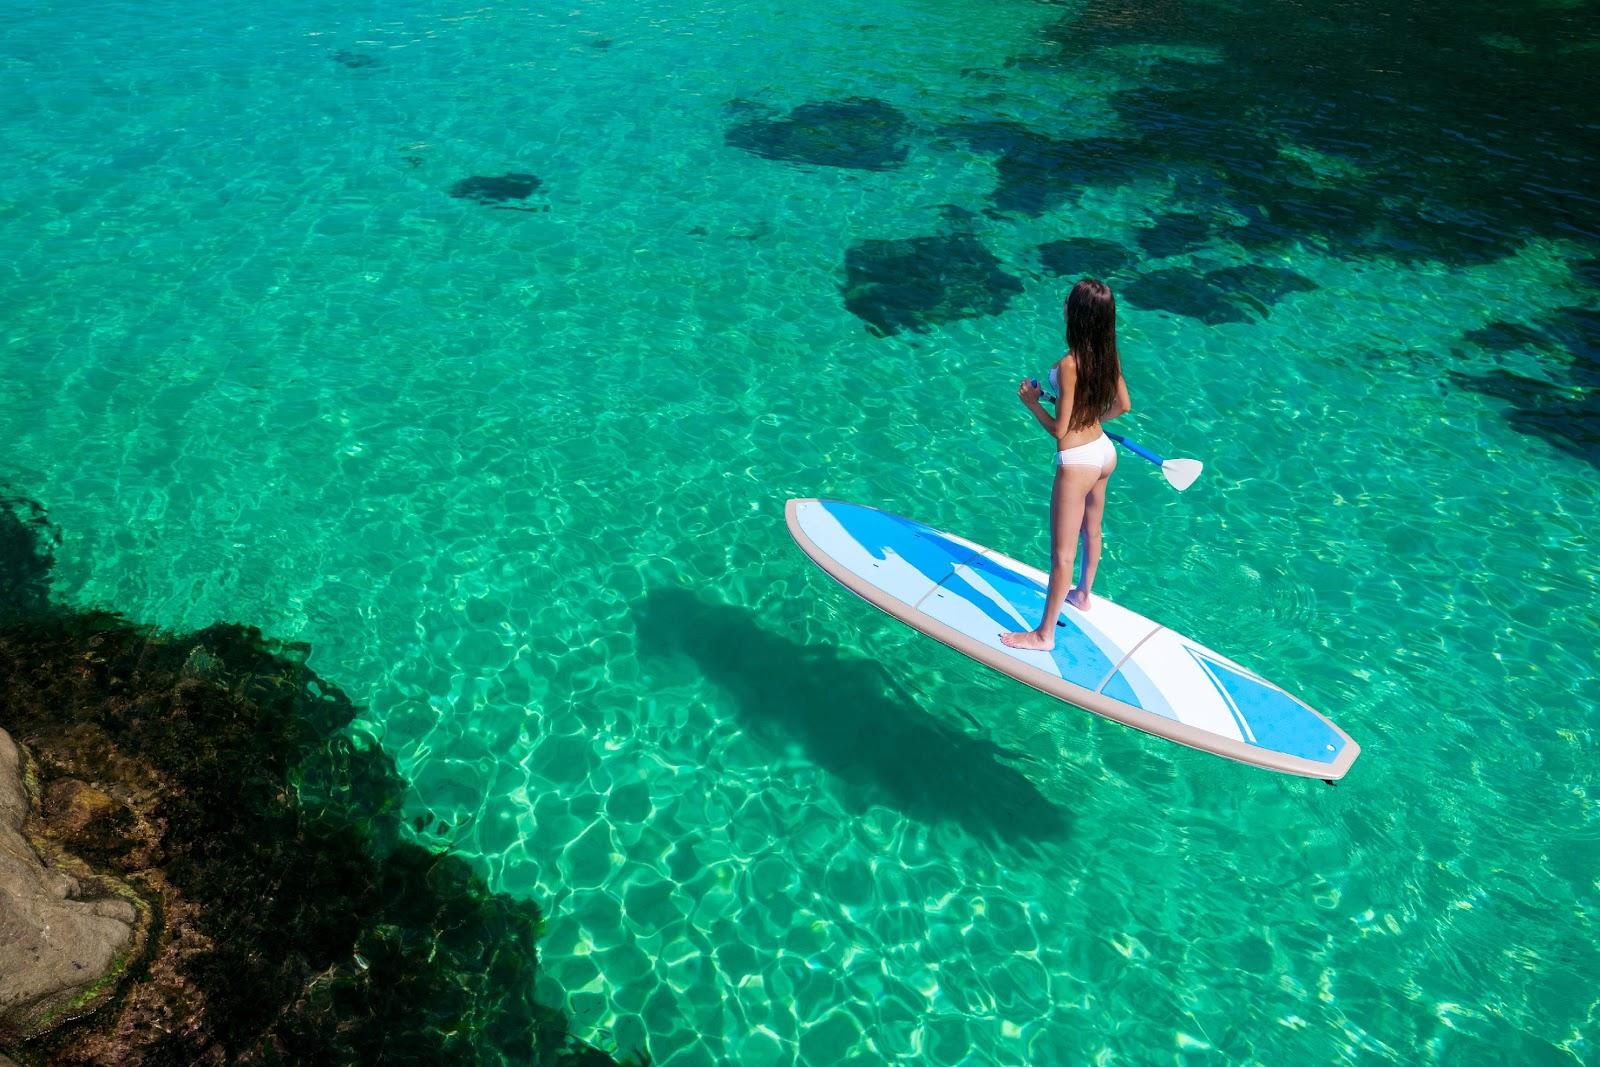 在花蓮和宜蘭玩SUP立槳才能看到山明水秀的風景